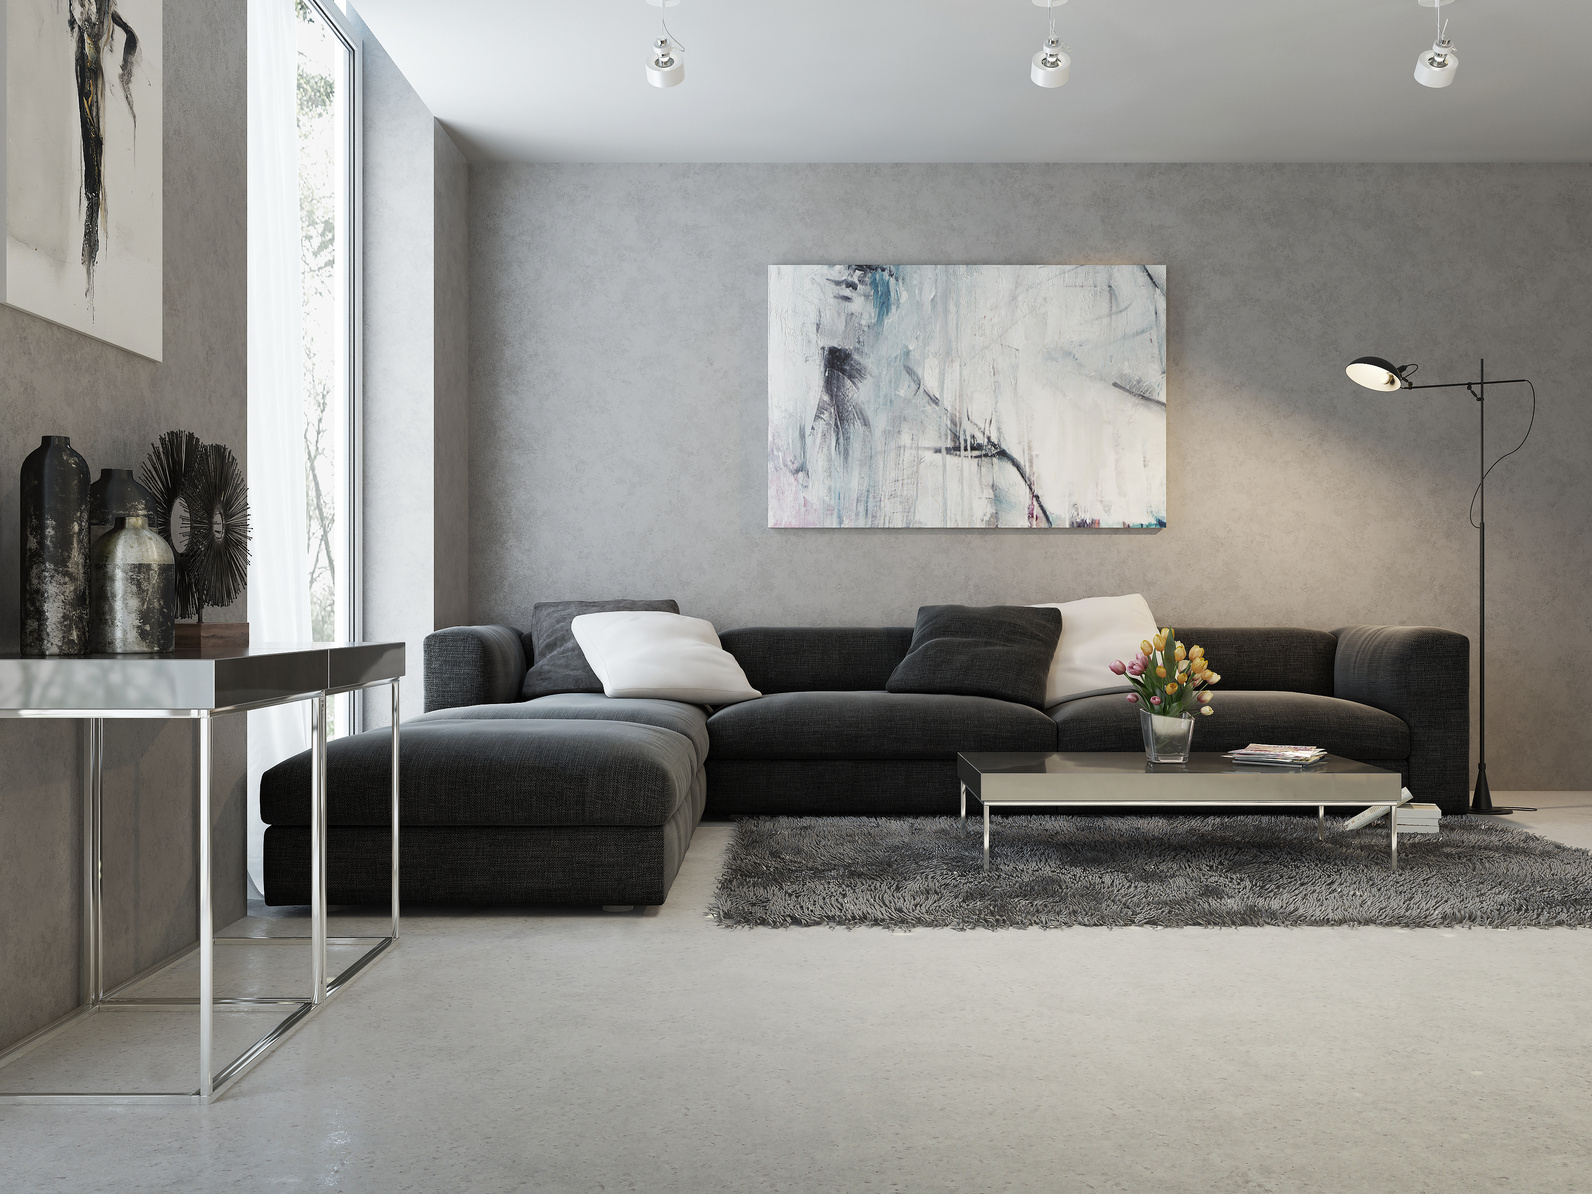 Peinture appartement design maison design for Peinture interieur tendance